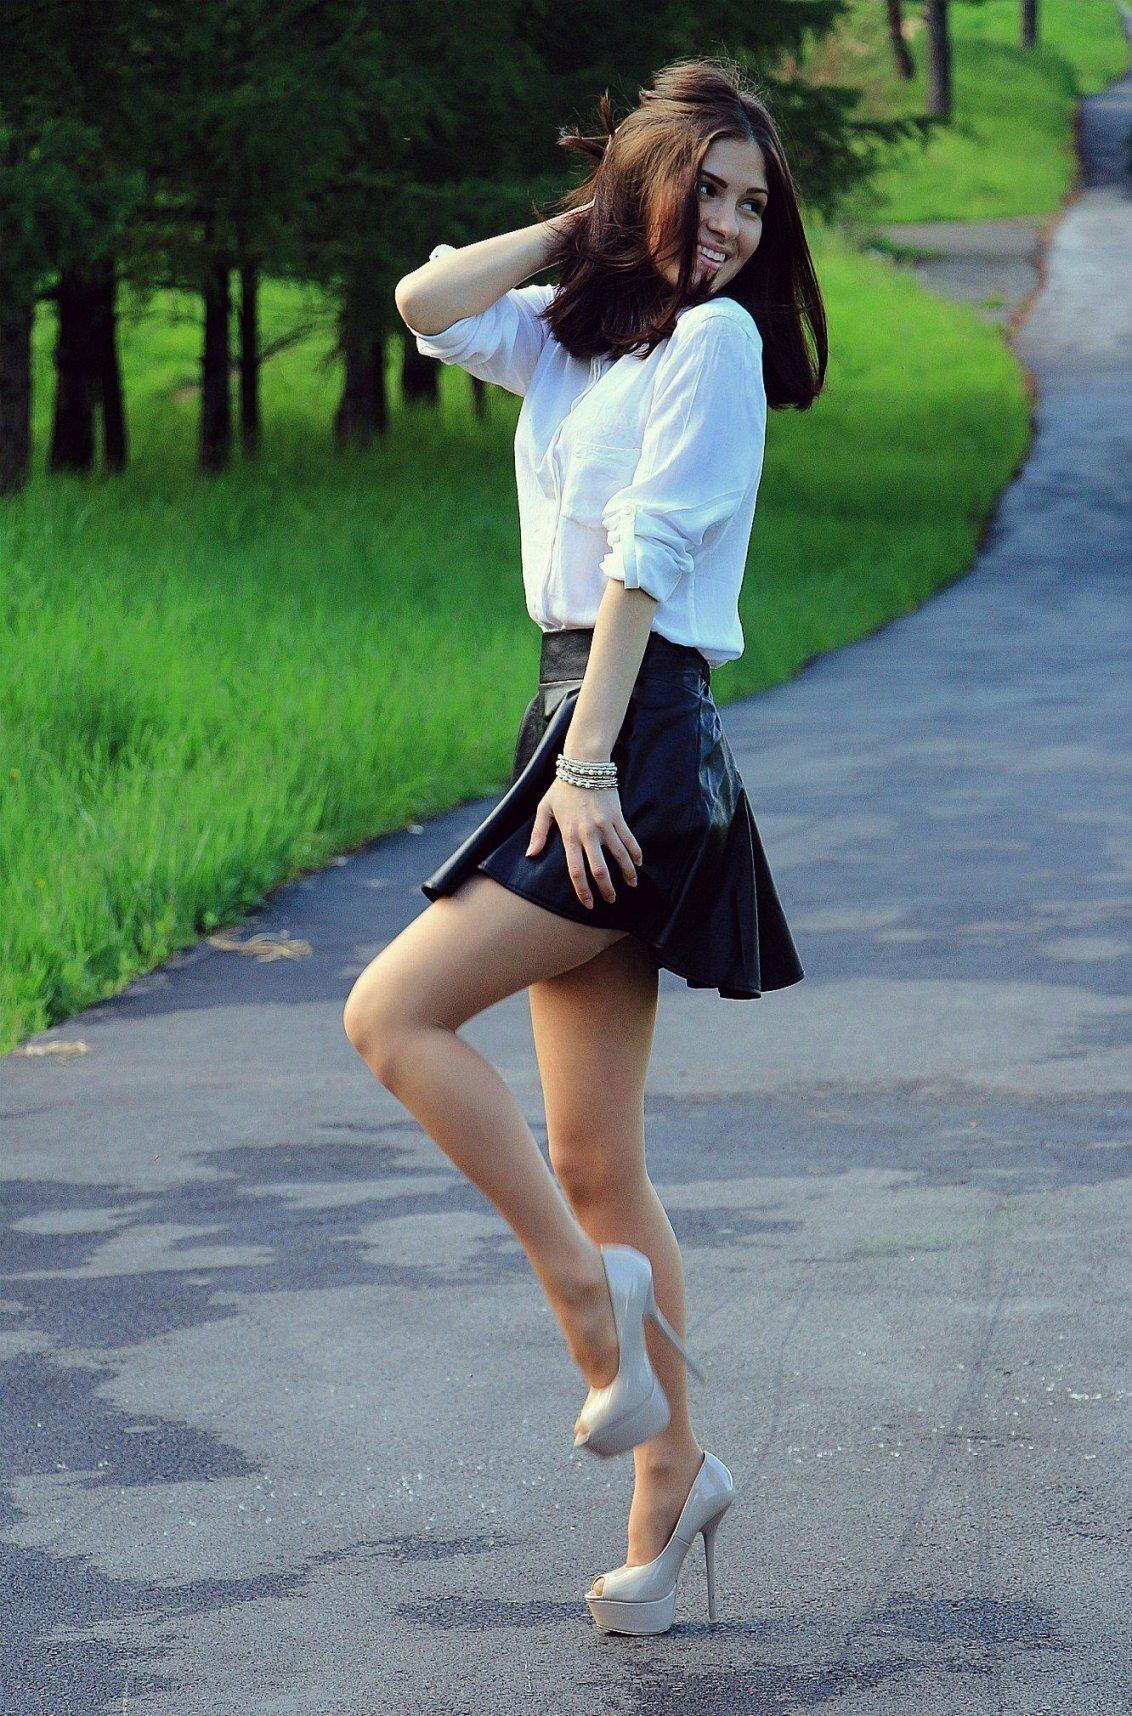 акт молодые девушки с короткими юбками и на шпильках фото необходимо мужчине